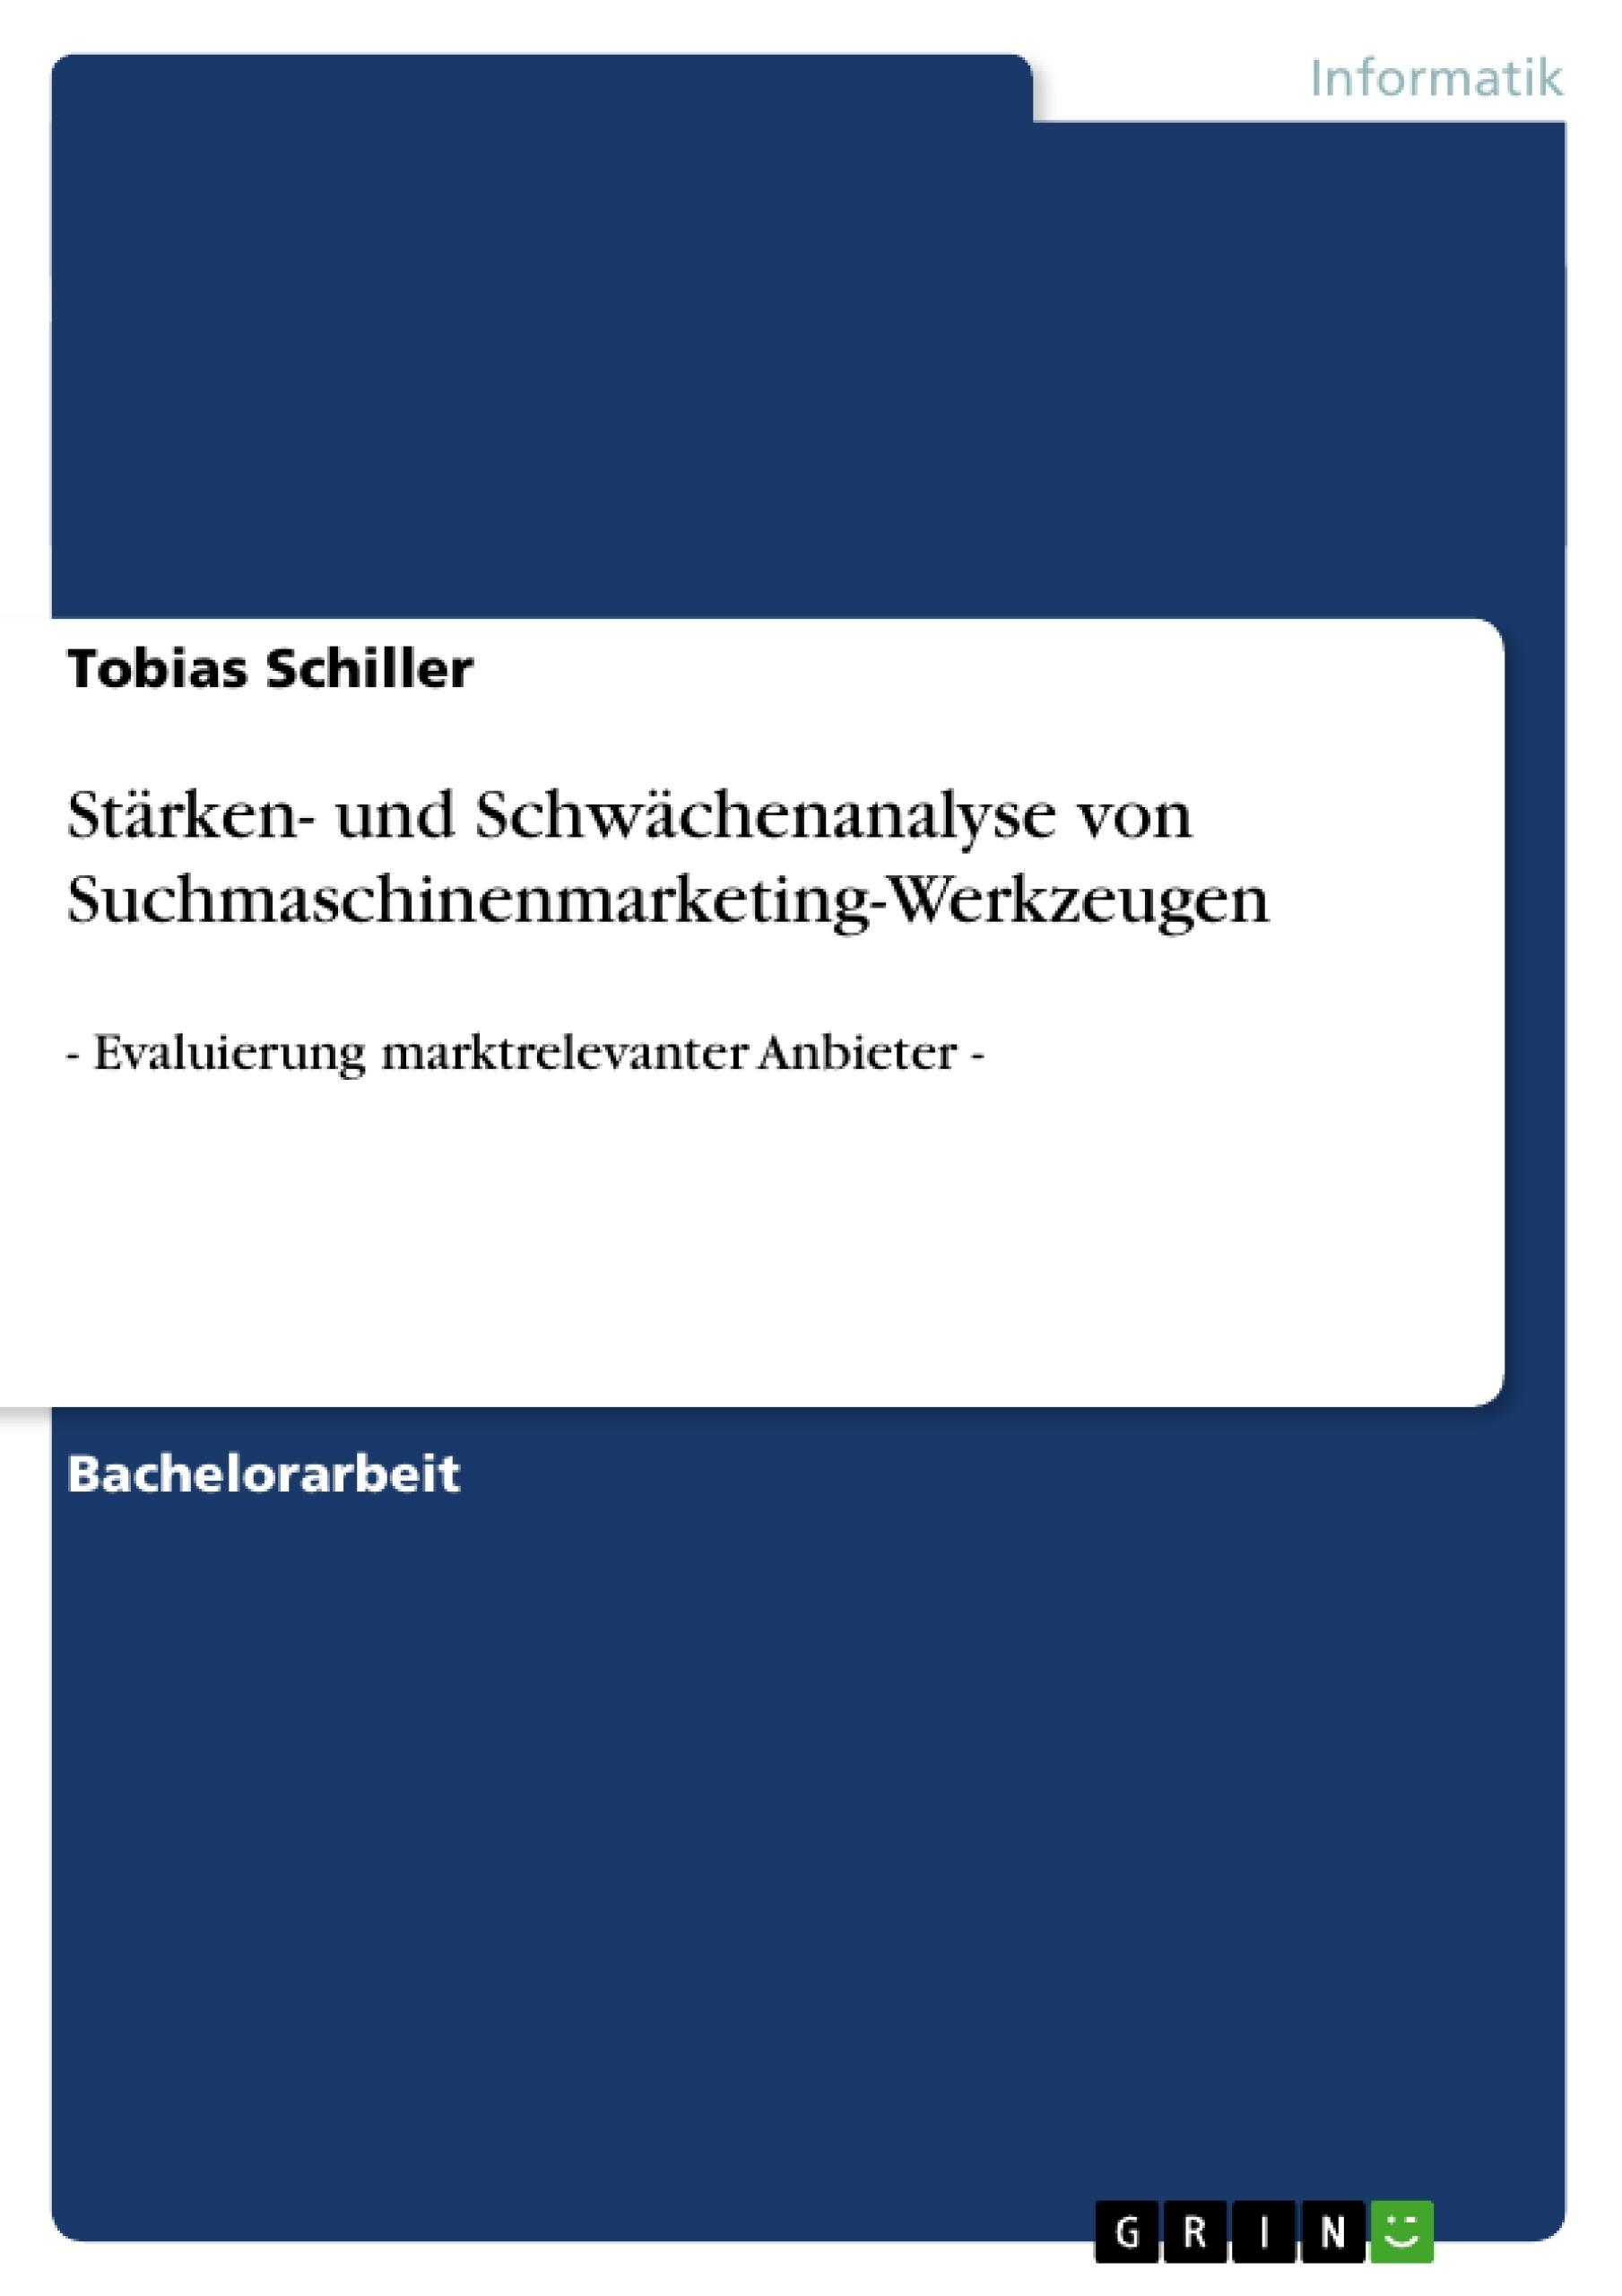 Titel: Stärken- und Schwächenanalyse von Suchmaschinenmarketing-Werkzeugen